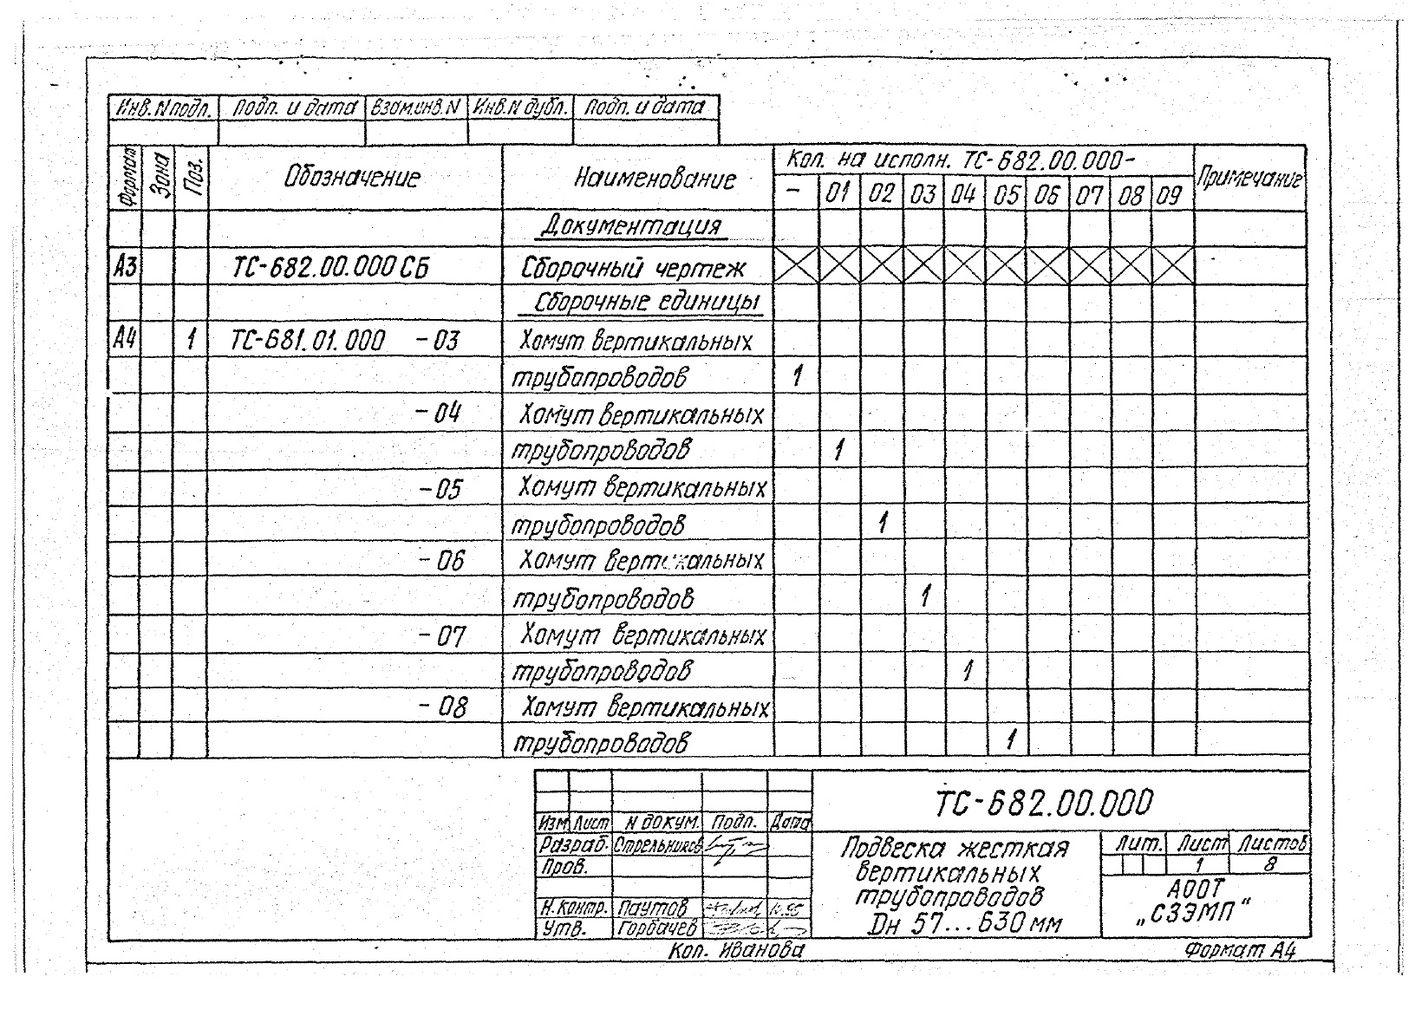 Подвески жесткие для вертикальных трубопроводов Дн 57-630 мм ТС-682.00.000 СБ серия 5.903-13 выпуск 6-95 стр.3